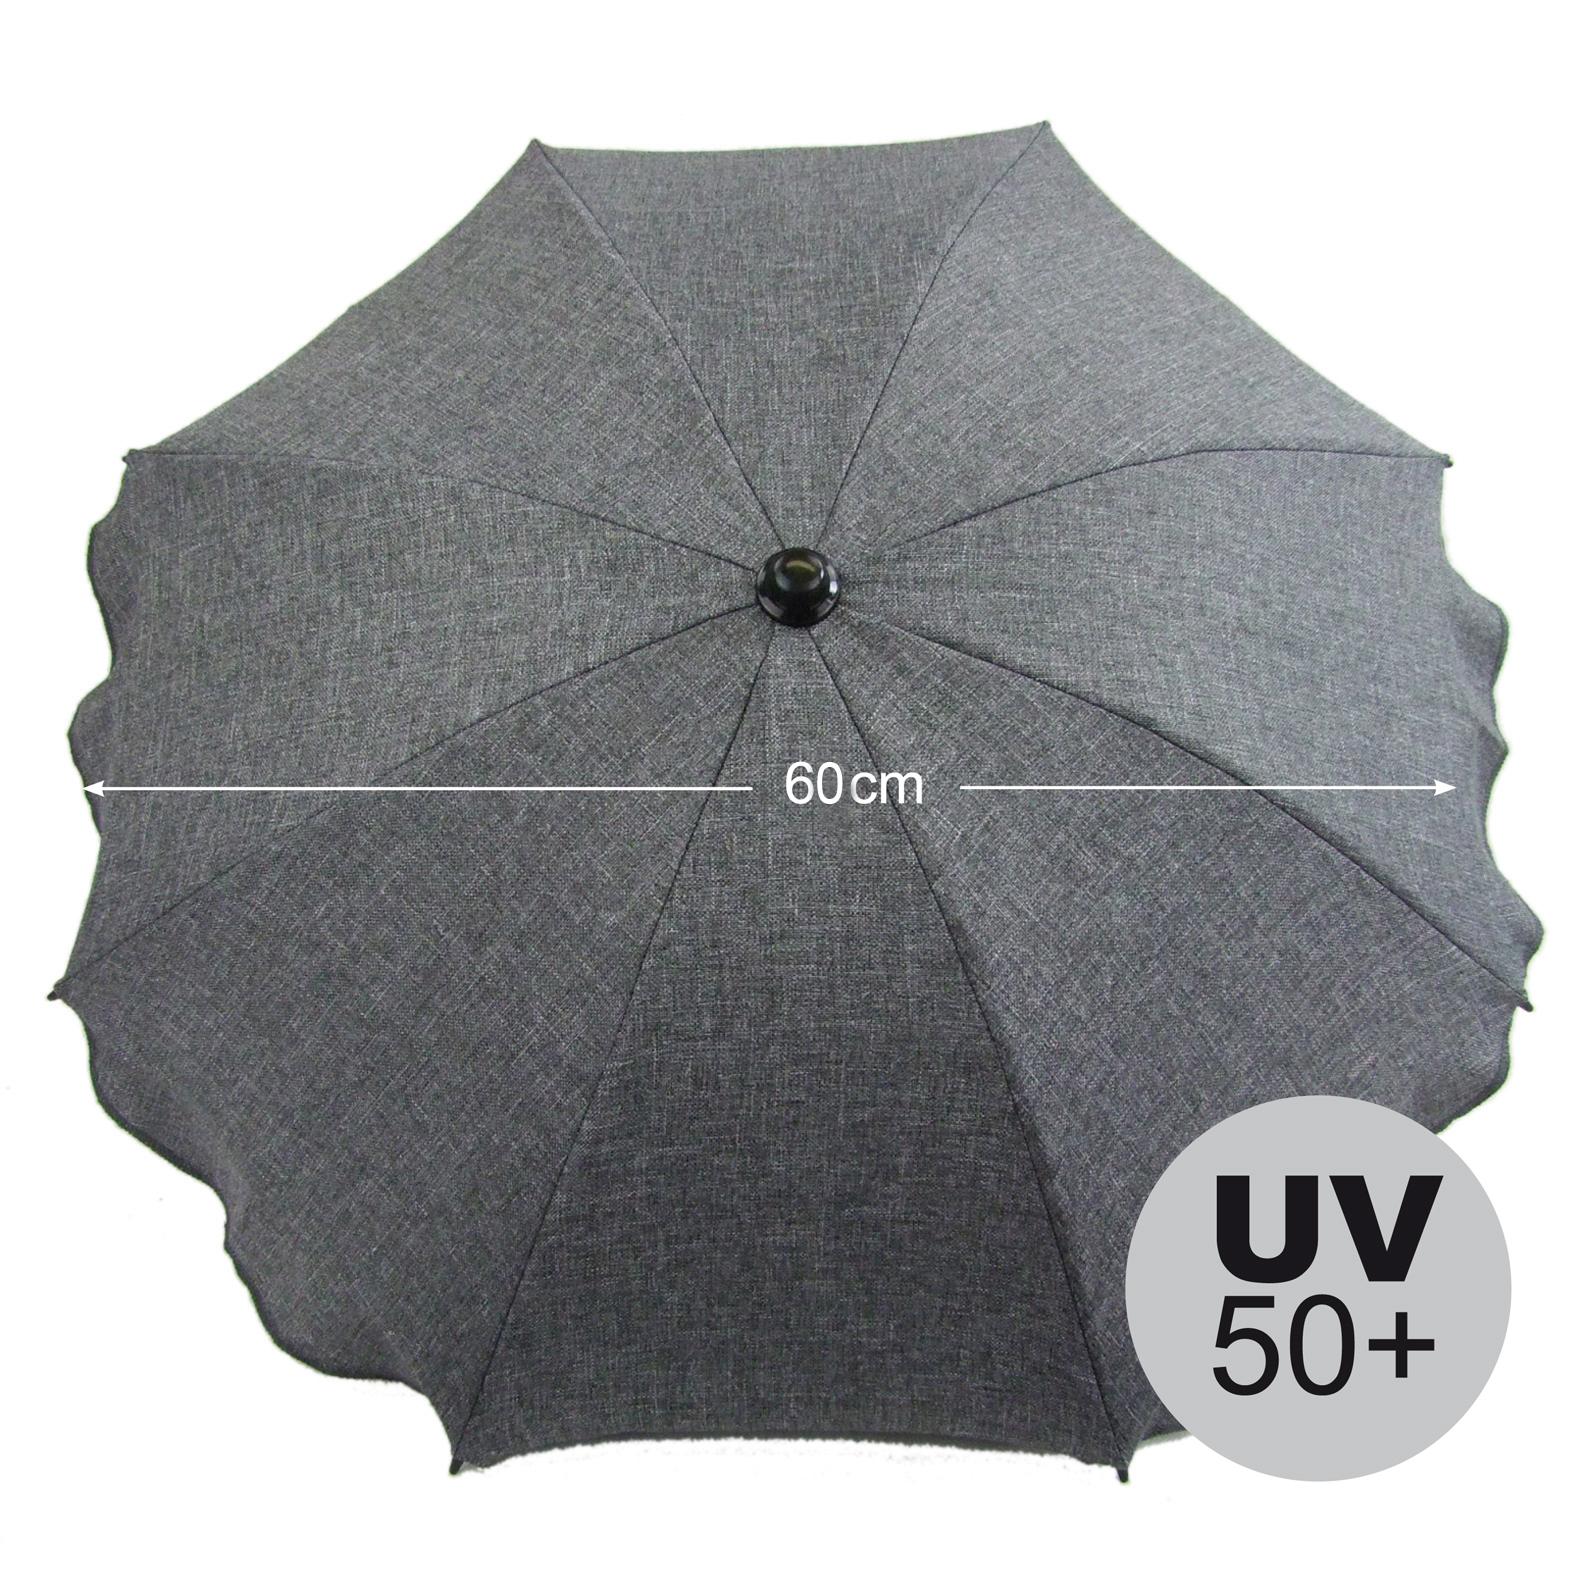 Rosa Rosa Kreise BAMBINIWELT Sonnenschirm f/ür Kinderwagen ECKIG /Ø74cm UV-Schutz50 Schirm Sonnenschutz SONDERPOSTEN reduziert